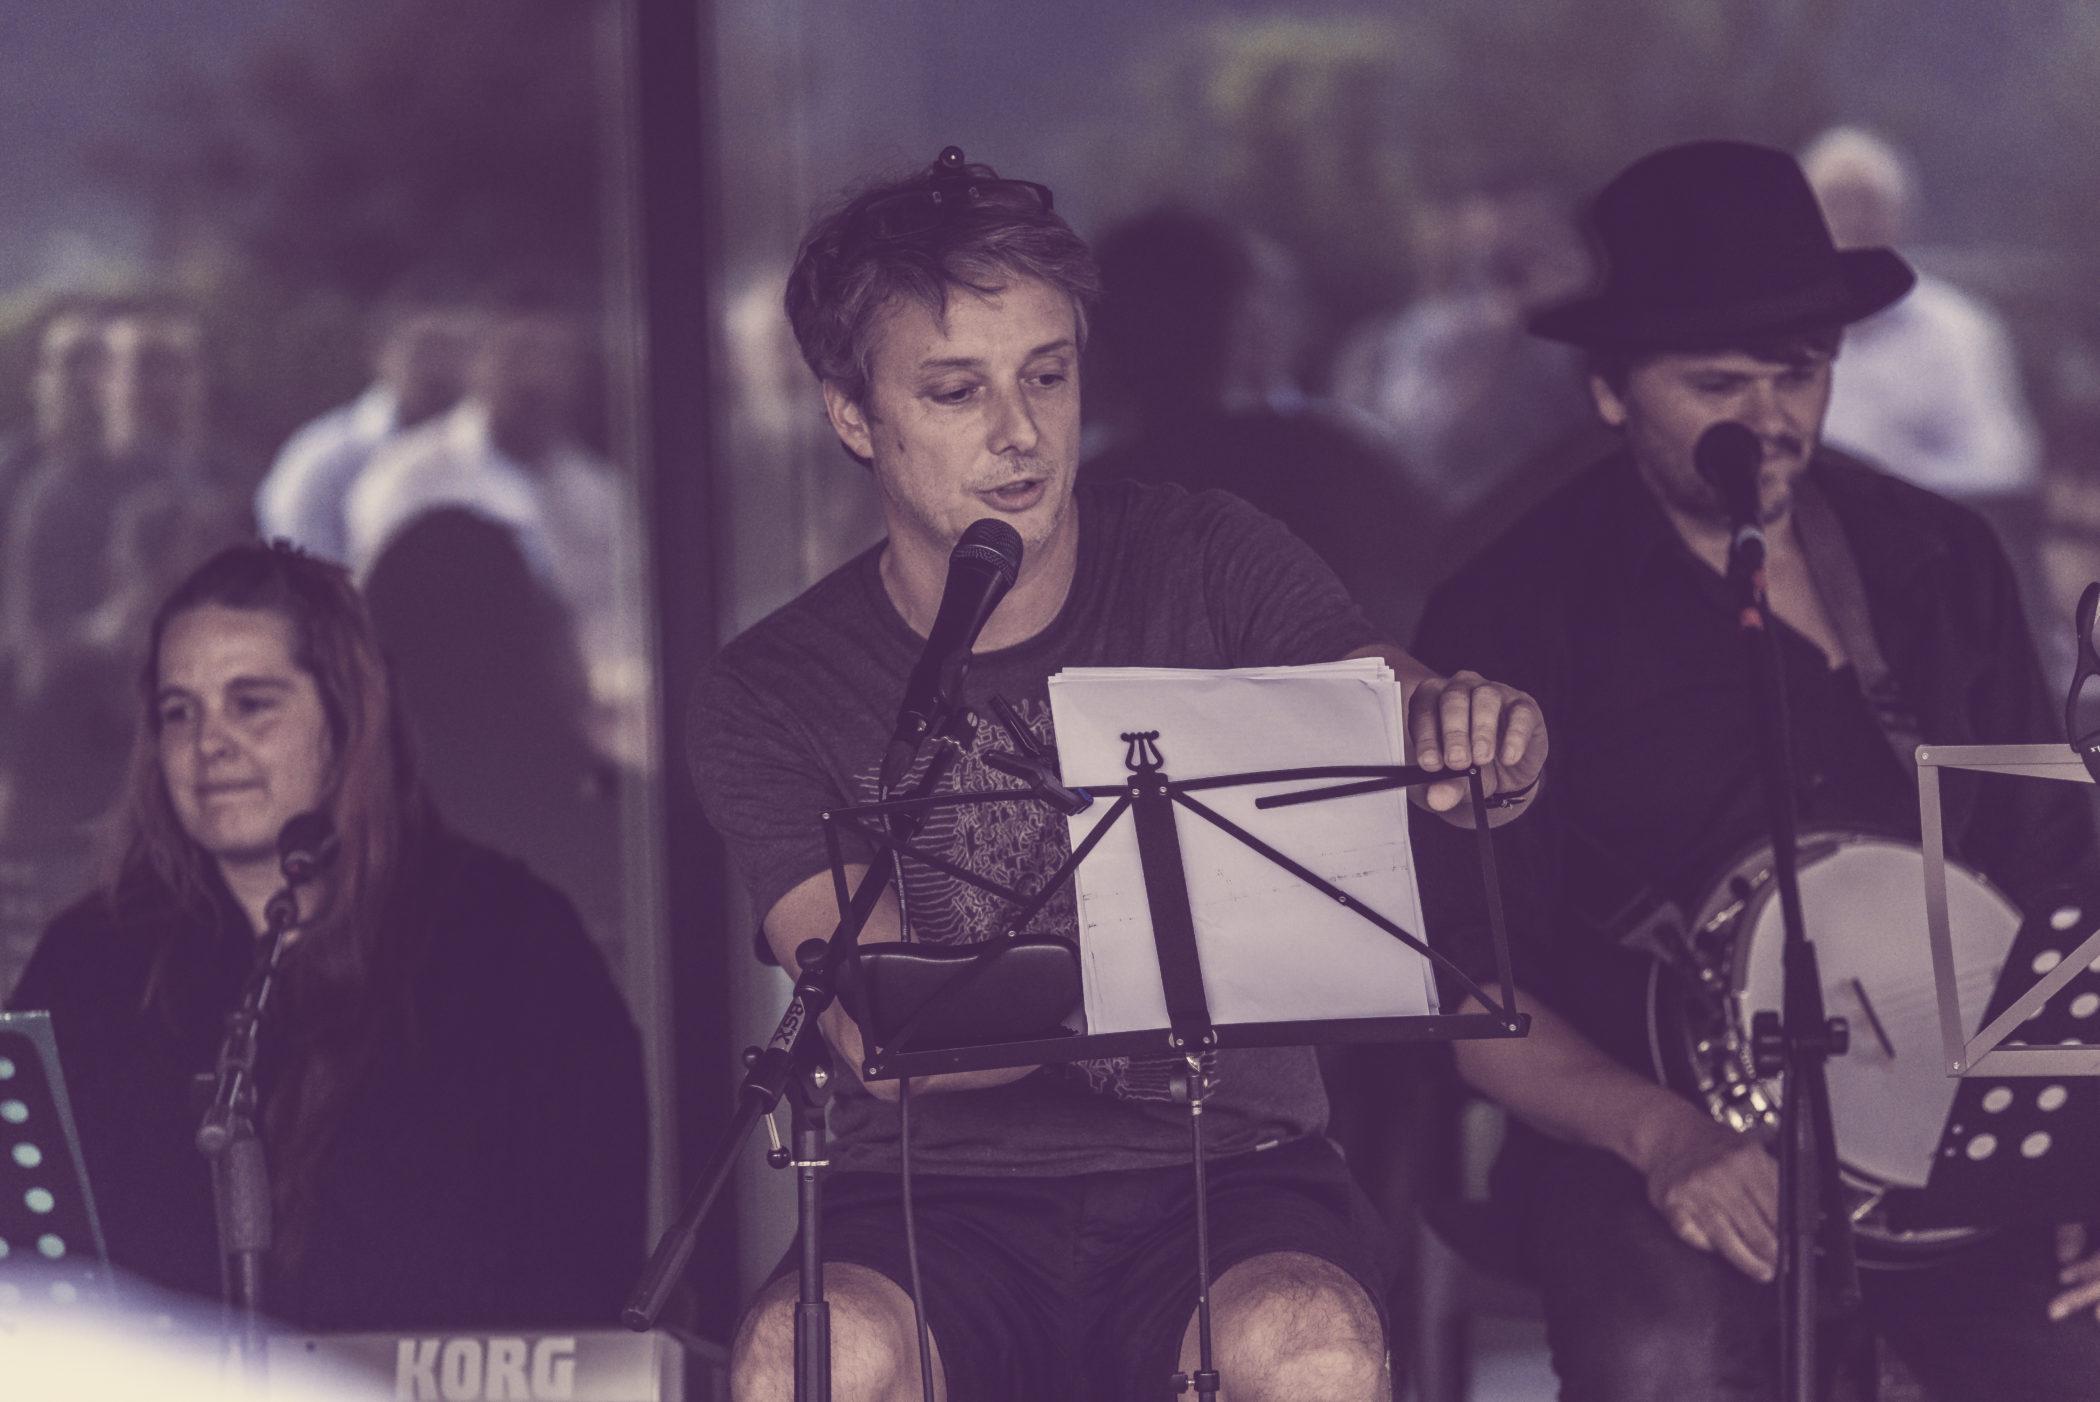 DSC 6669 scaled - Ötzi Live performance